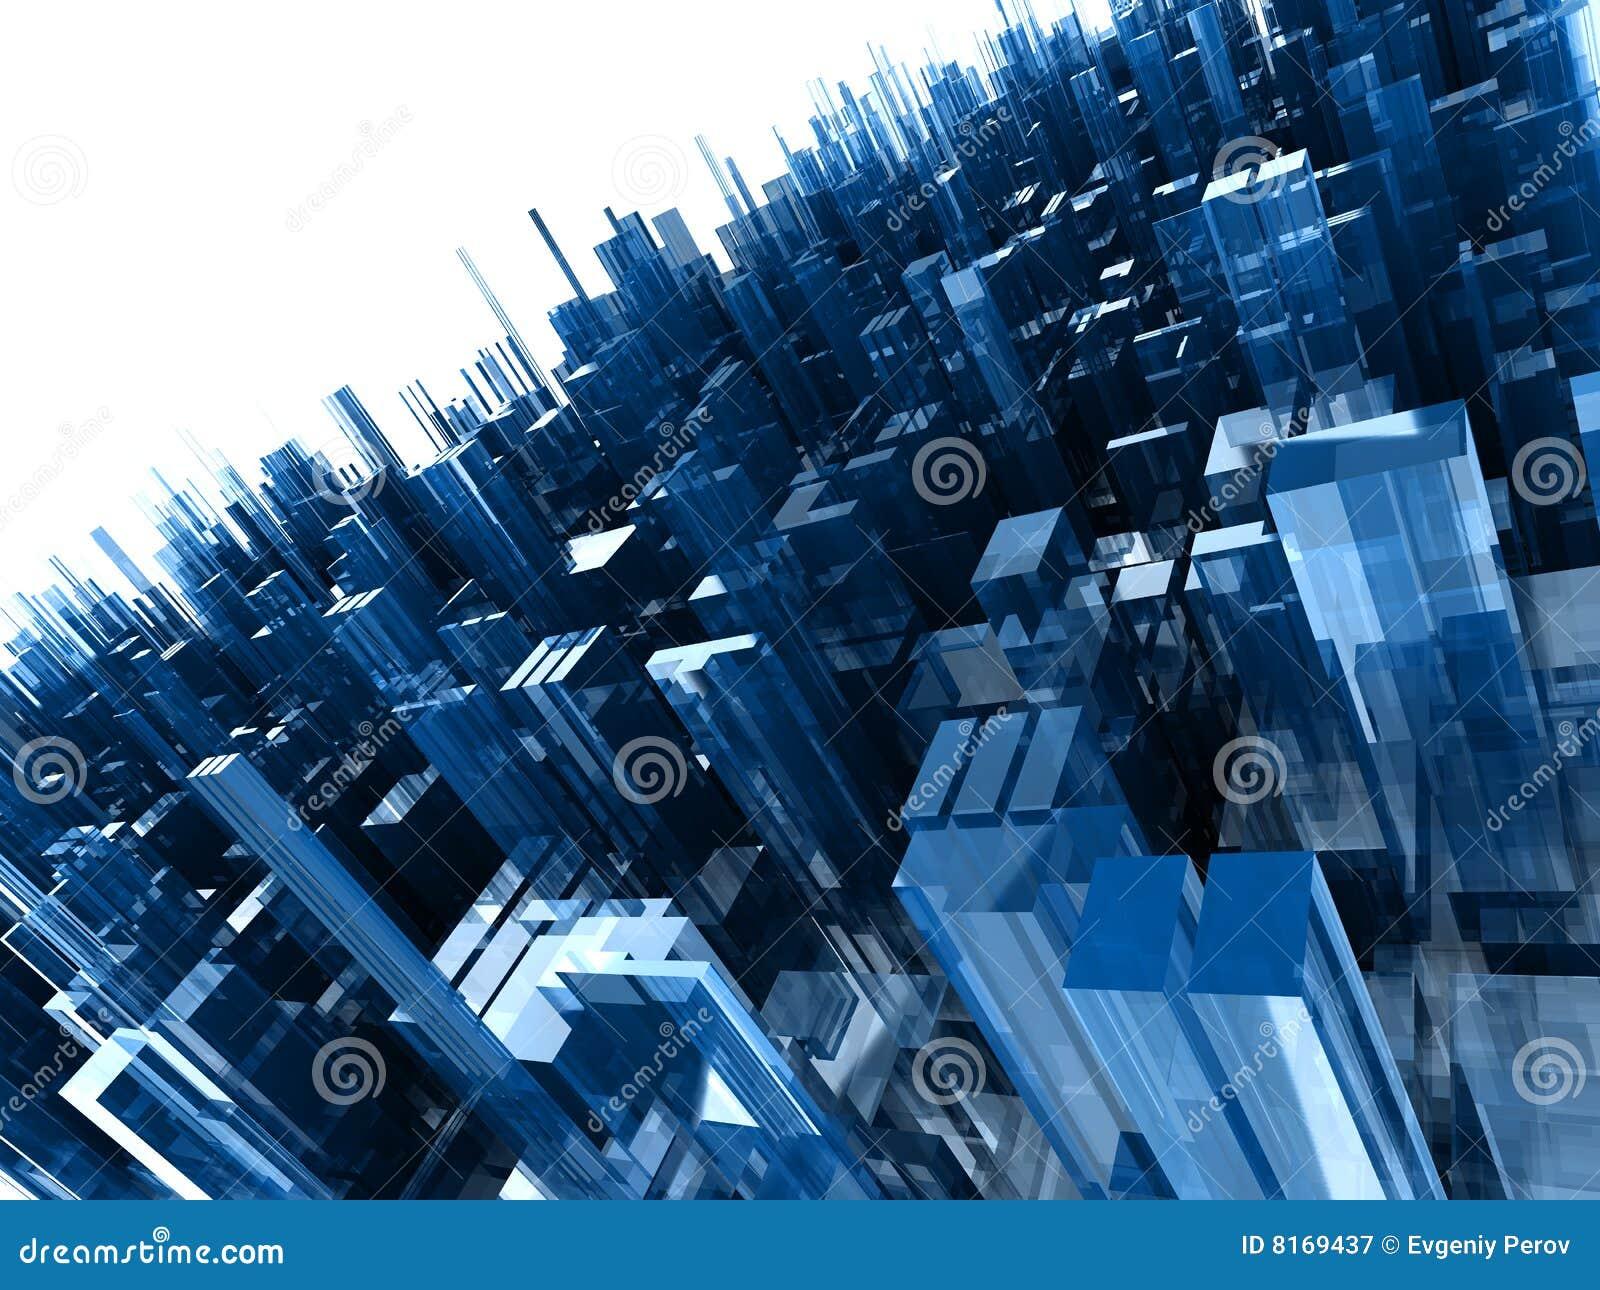 Abstracte achtergrond met blauwe plastic blokken